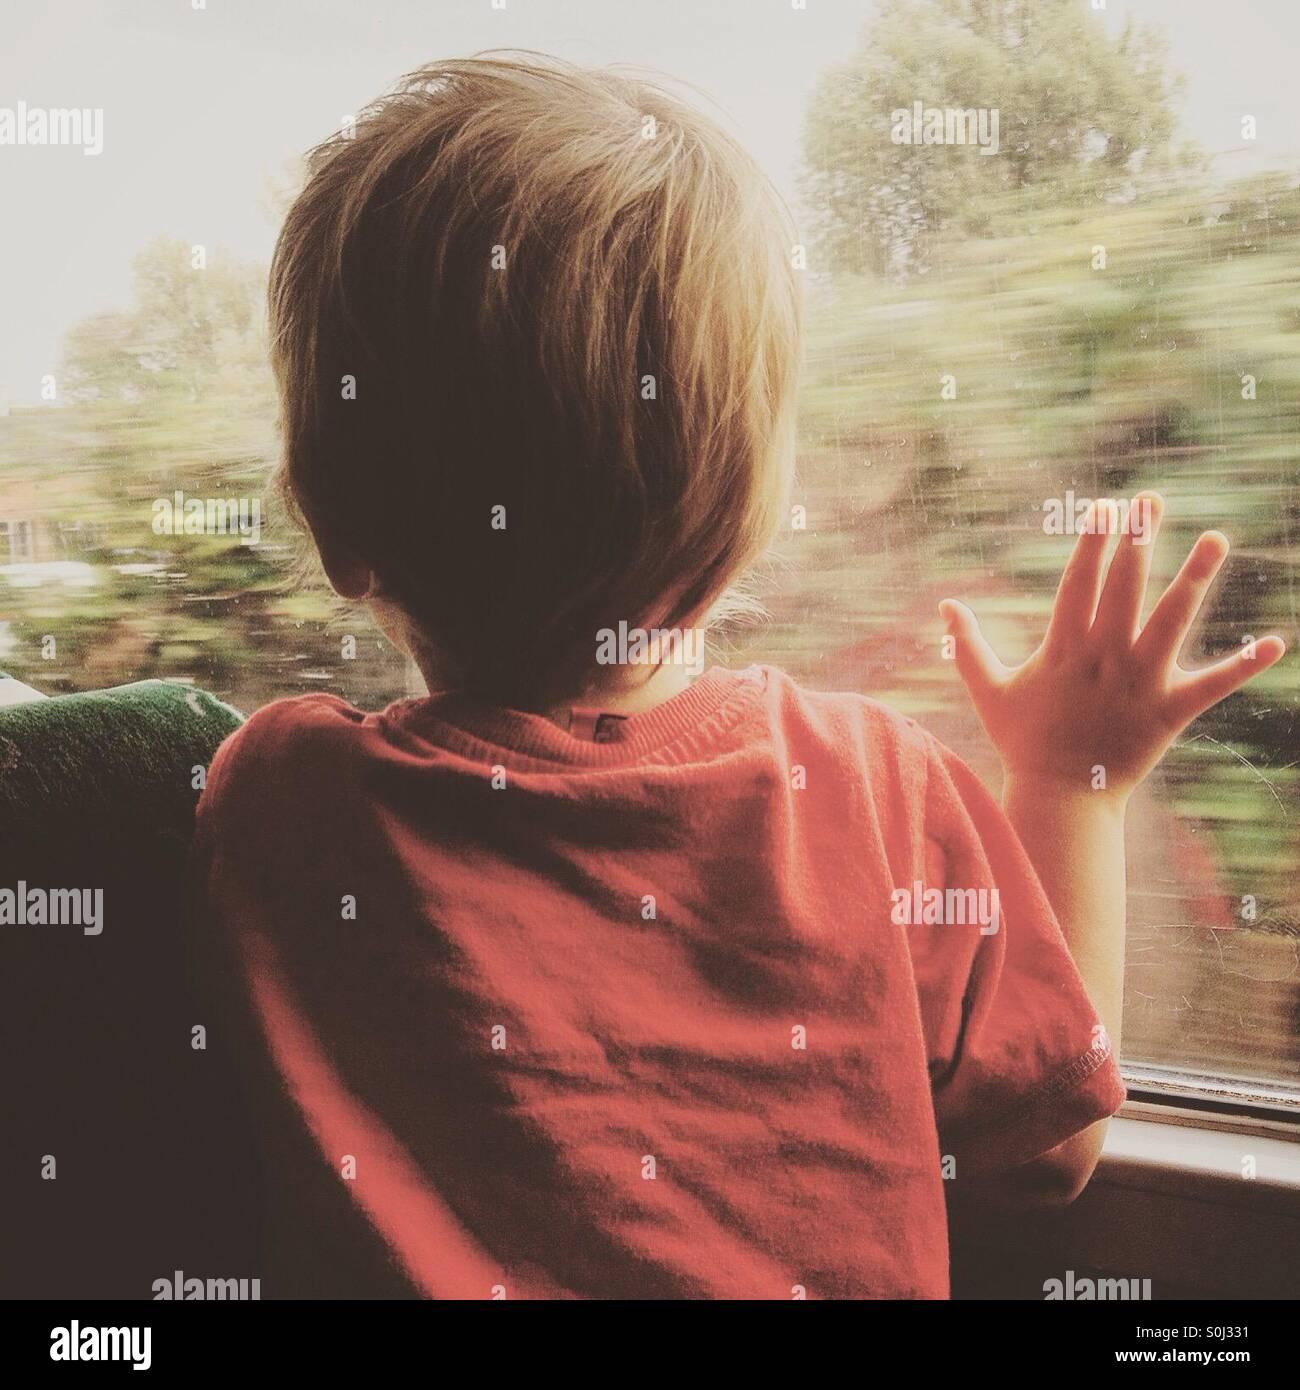 Train ride - Stock Image